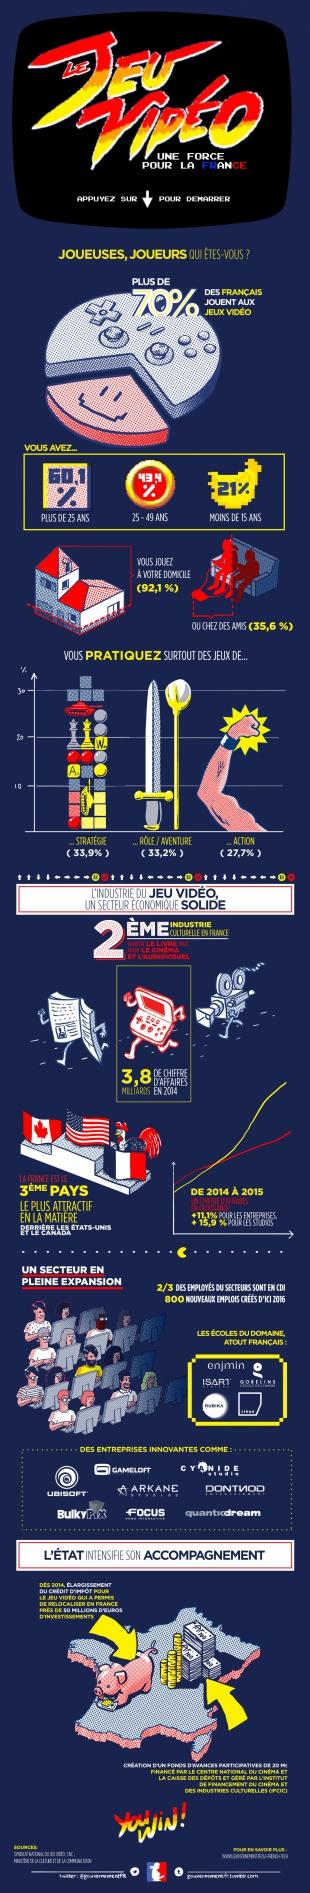 Le jeu vidéo, une force pour la France